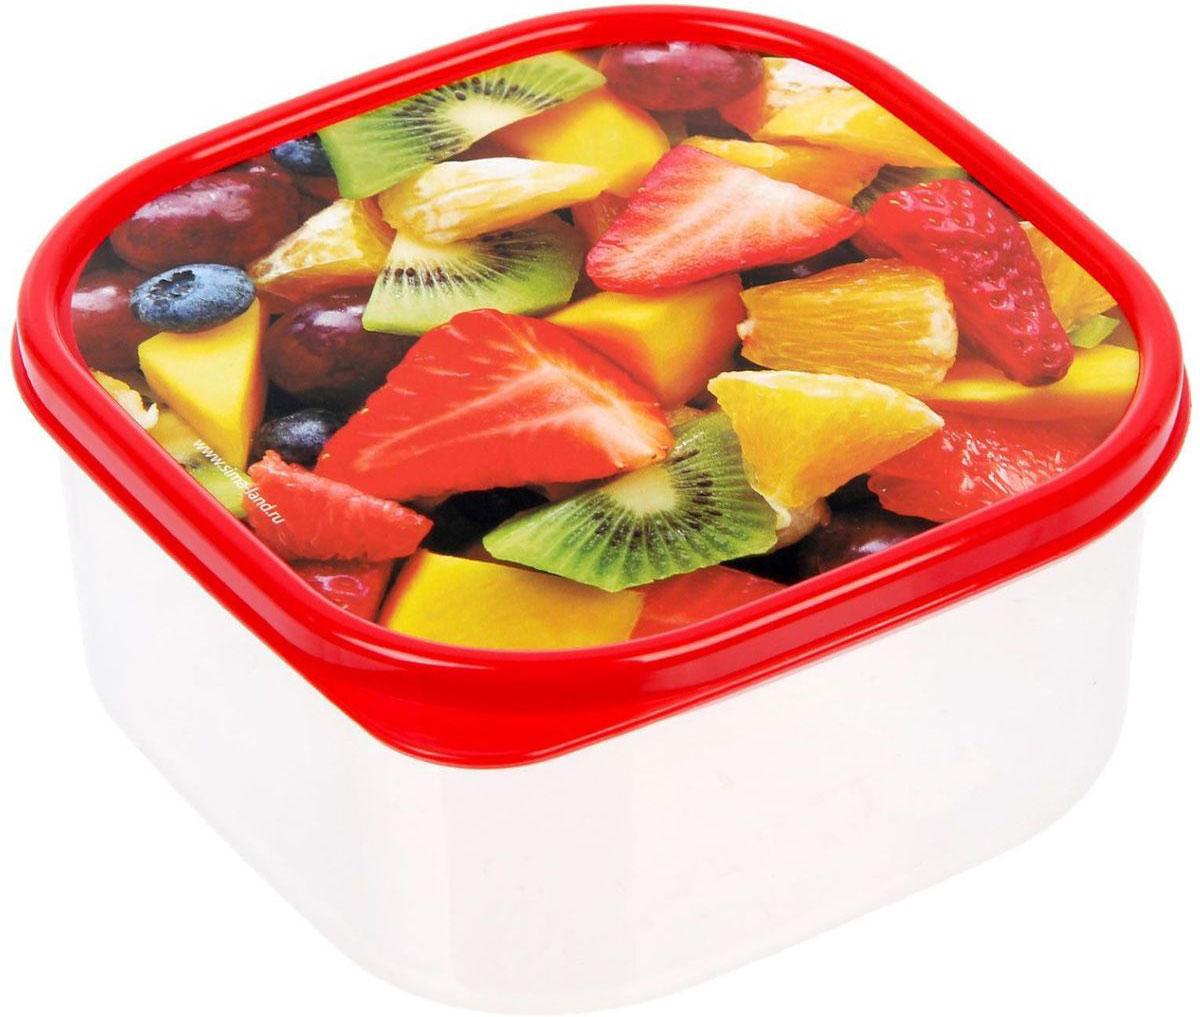 Ланч-бокс Доляна №4, квадратный, 700 мл1333977Если после вкусного обеда осталась еда, а насладиться трапезой хочется и на следующий день, ланч-бокс станет отличным решением данной проблемы!Такой контейнер является незаменимым предметом кухонной утвари, ведь у него много преимуществ:Простота ухода. Ланч-бокс достаточно промыть тёплой водой с небольшим количеством чистящего средства, и он снова готов к использованию.Вместительность. Большой выбор форм и объёма поможет разместить разнообразные продукты от сахара до супов.Эргономичность. Ланч-боксы очень легко хранить даже в самой маленькой кухне, так как их можно поставить один в другой по принципу матрёшки.Многофункциональность. Разнообразие цветов и форм делает возможным использование контейнеров не только на кухне, но и в других областях домашнего быта.Любители приготовления обеда на всю семью в большинстве случаев приобретают ланч-боксы наборами, так как это позволяет рассортировать продукты по всевозможным признакам. К тому же контейнеры среднего размера станут незаменимыми помощниками на работе: ведь что может быть приятнее, чем порадовать себя во время обеда прекрасной едой, заботливо сохранённой в контейнере?В качестве материала для изготовления используется пластик, что делает процесс ухода за контейнером ещё более эффективным. К каждому ланч-боксу в комплекте также прилагается крышка подходящего размера, это позволяет плотно и надёжно удерживать запах еды и упрощает процесс транспортировки.Однако рекомендуется соблюдать и меры предосторожности: не использовать пластиковые контейнеры в духовых шкафах и на открытом огне, а также не разогревать в микроволновых печах при закрытой крышке ланч-бокса. Соблюдение мер безопасности позволит продлить срок эксплуатации и сохранить отличный внешний вид изделия.Эргономичный дизайн и многофункциональность таких контейнеров — вот, что является причиной большой популярности данного предмета у каждой хозяйки. А в преддверии лета и дачного сезона такое приобретение позволит под